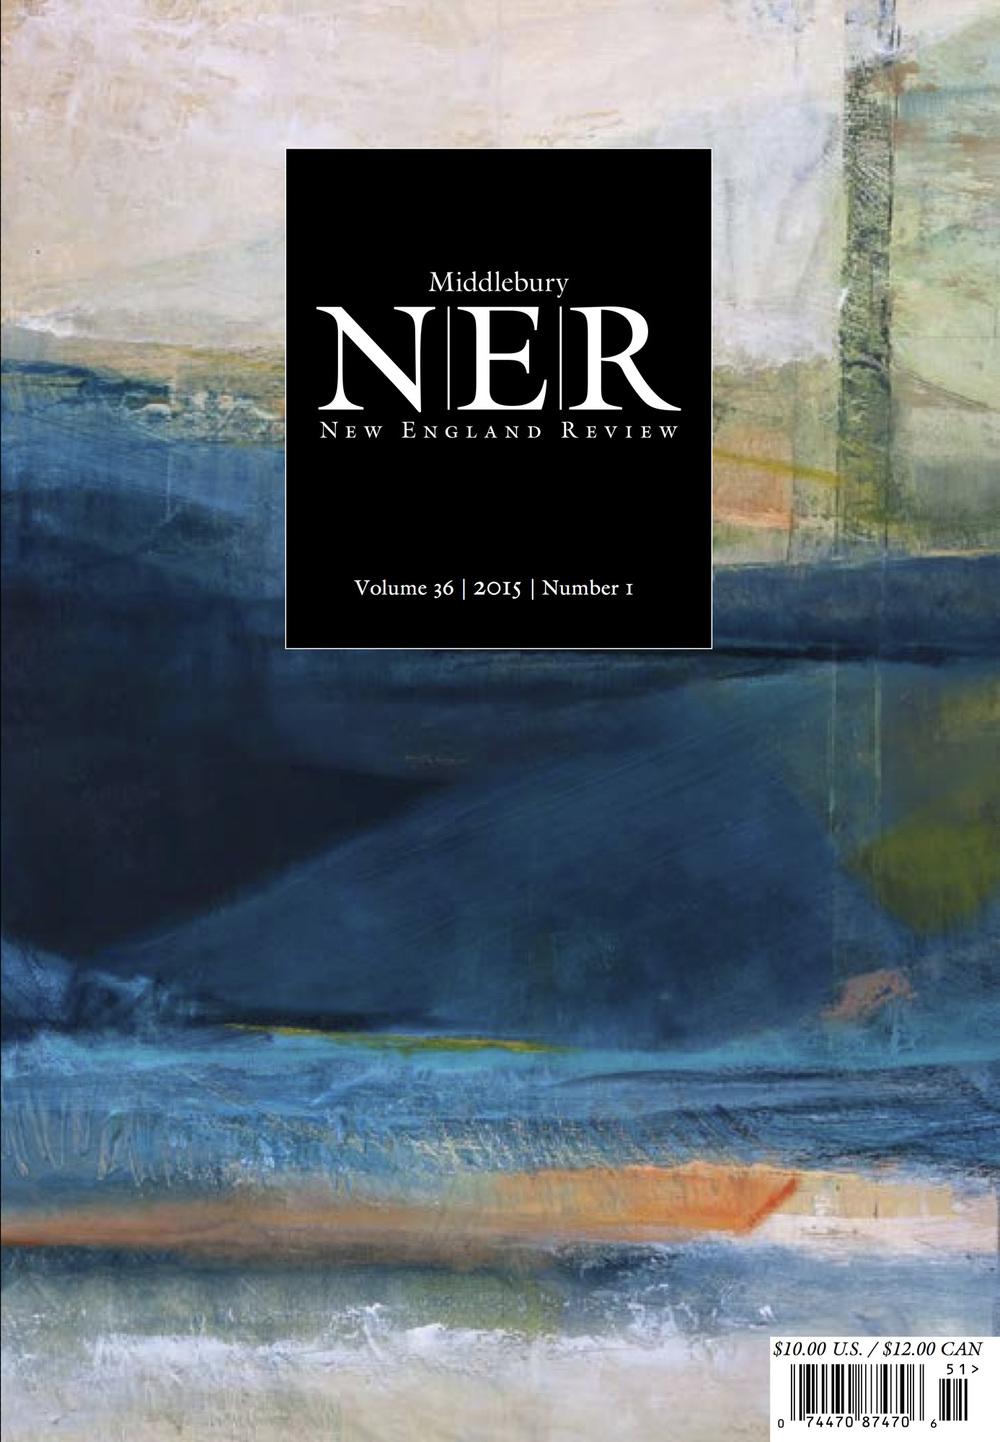 NER 36-1.jpg